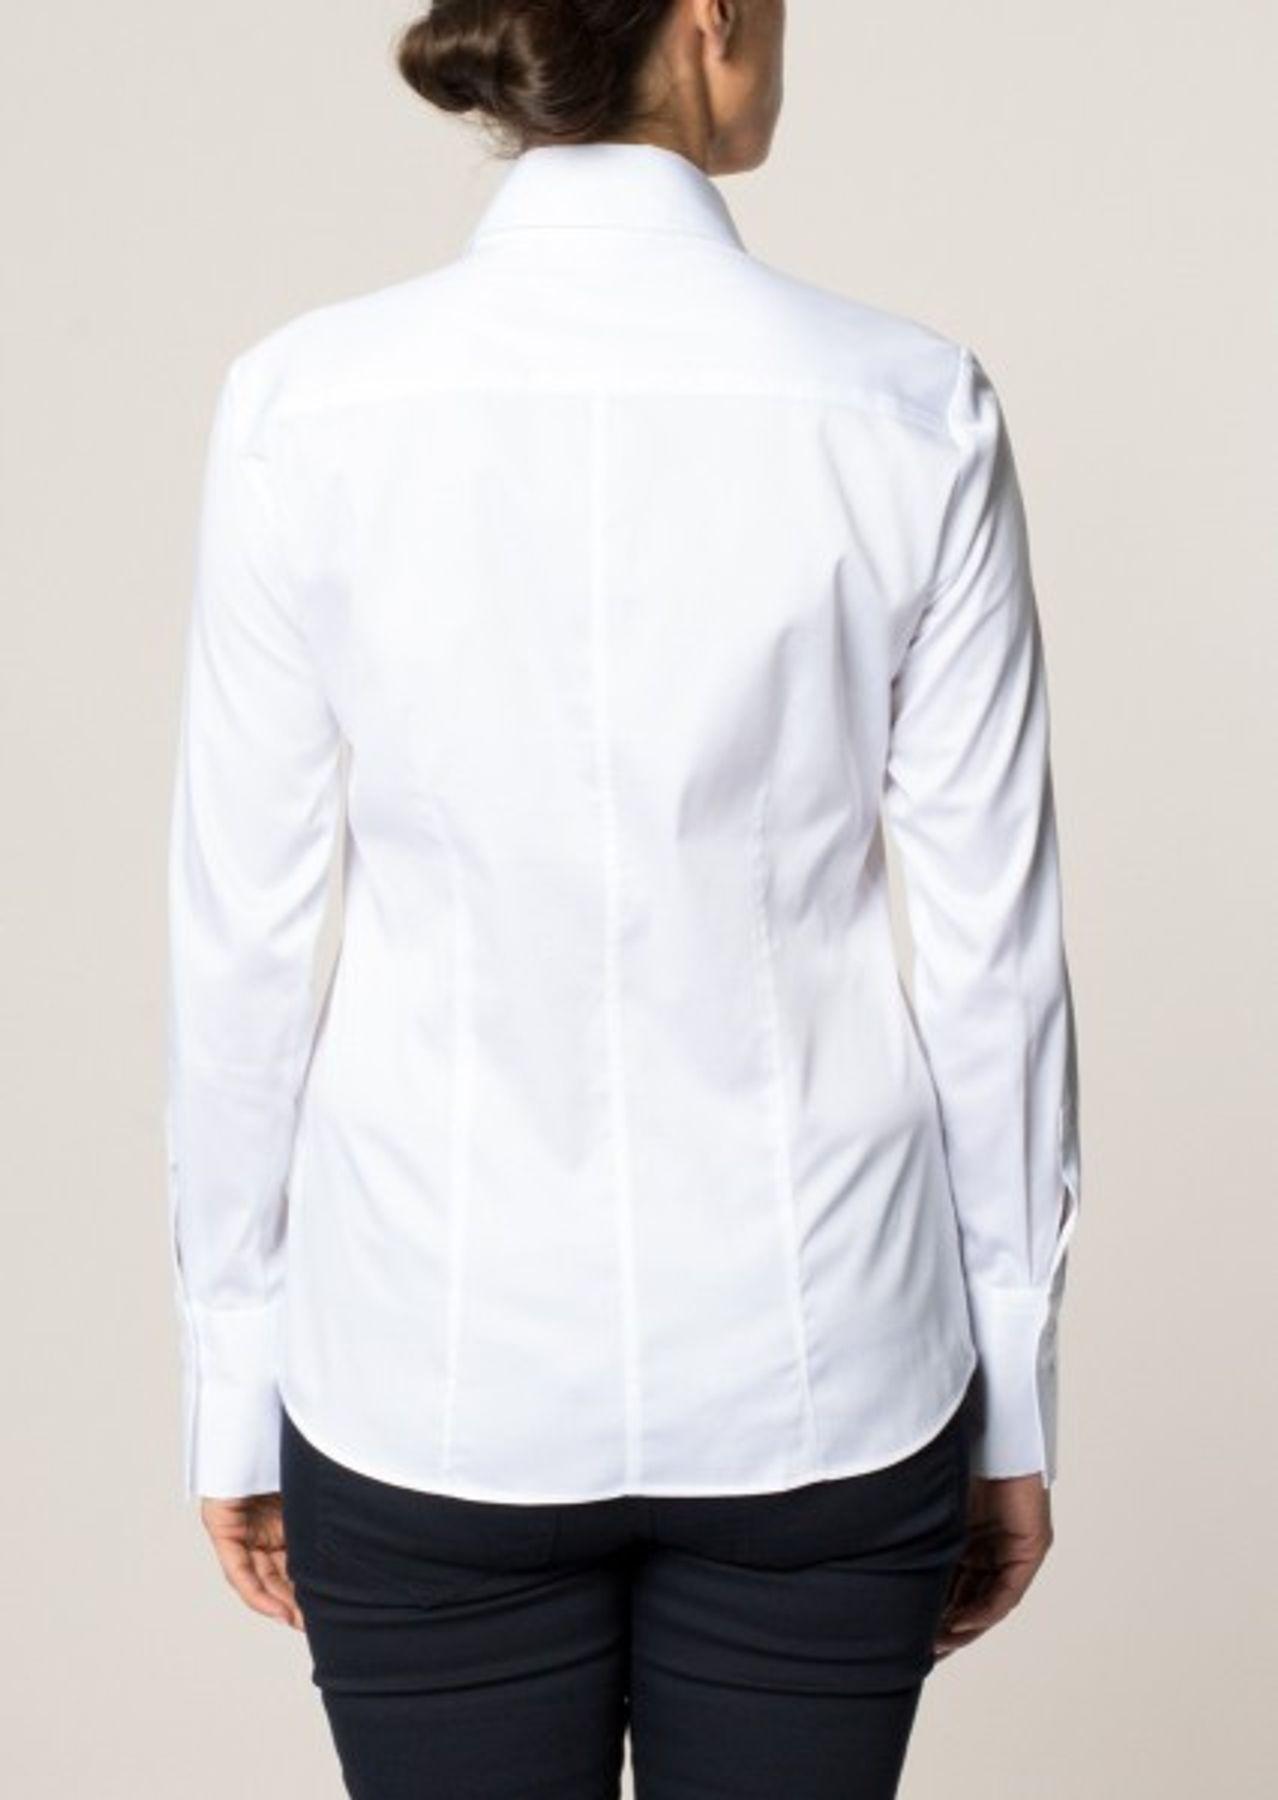 Eterna -  Comfort-Fit - Bügelfreie Damen Bluse Langarm in Weiß, Blau oder Rosé (5352 D624) – Bild 2